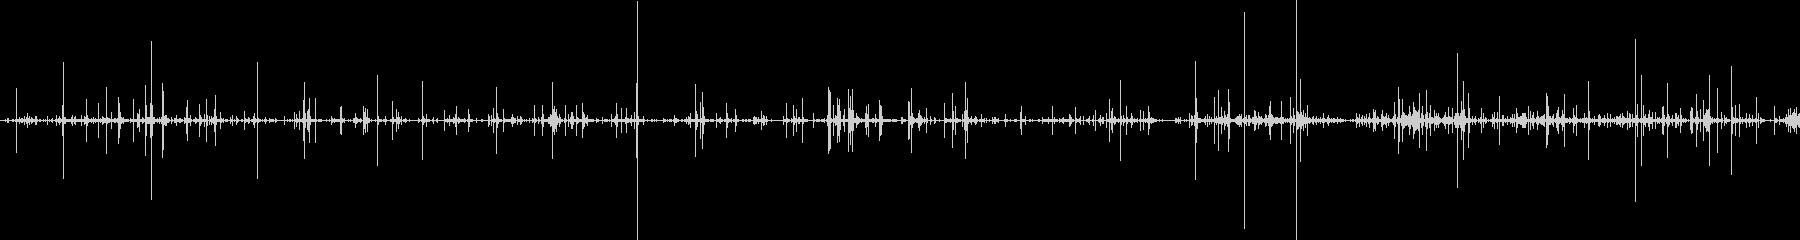 ループ・ネバネバしたものがうごめく音2の未再生の波形